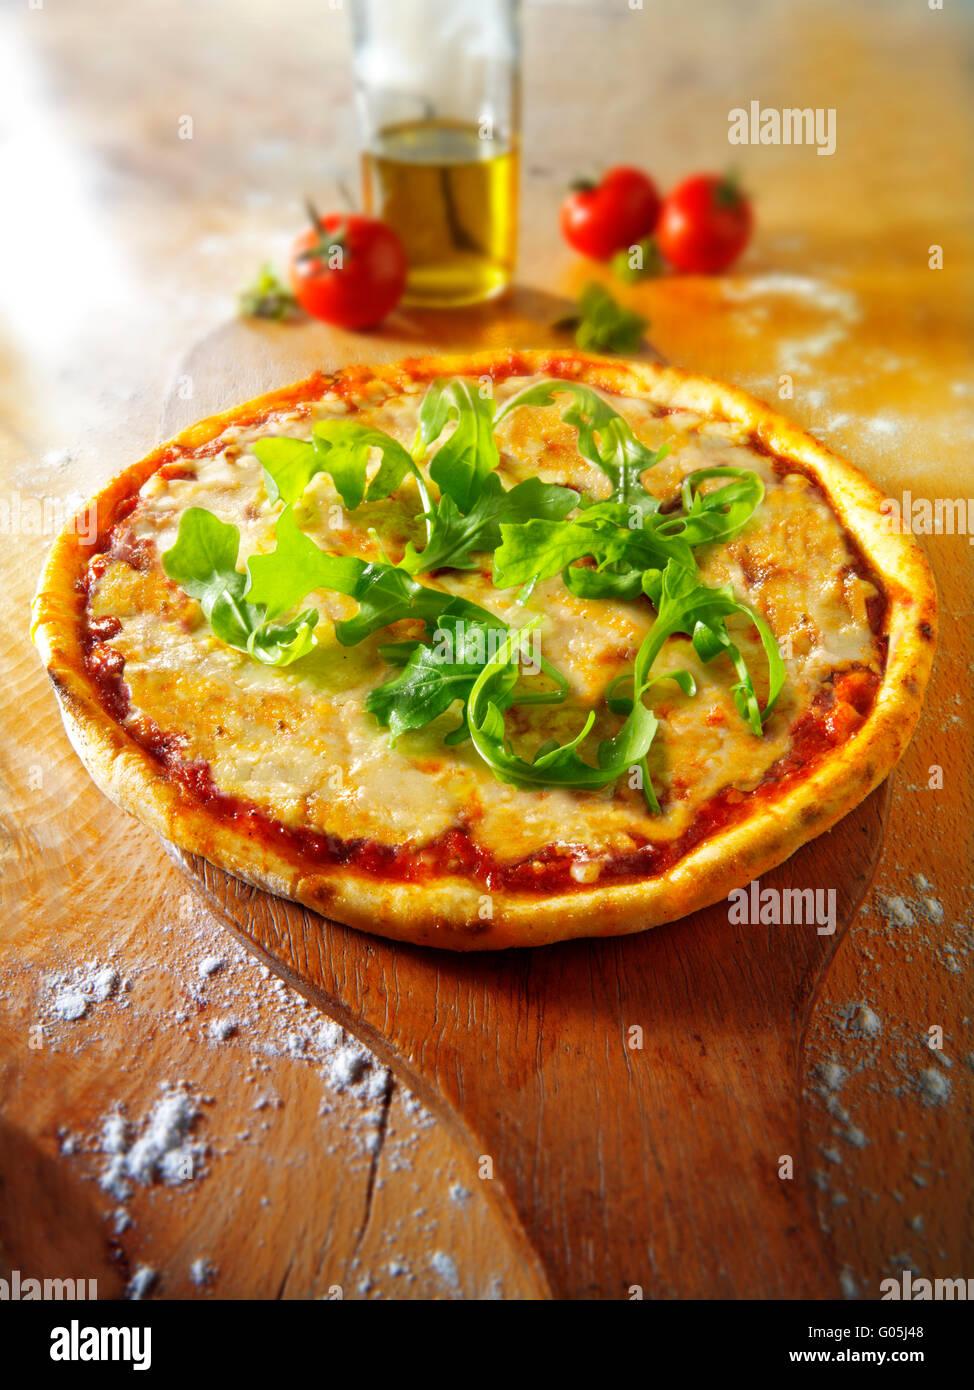 Gekochte ganze Käse und Tomaten Pizza Margherita mit Rucola Stockbild